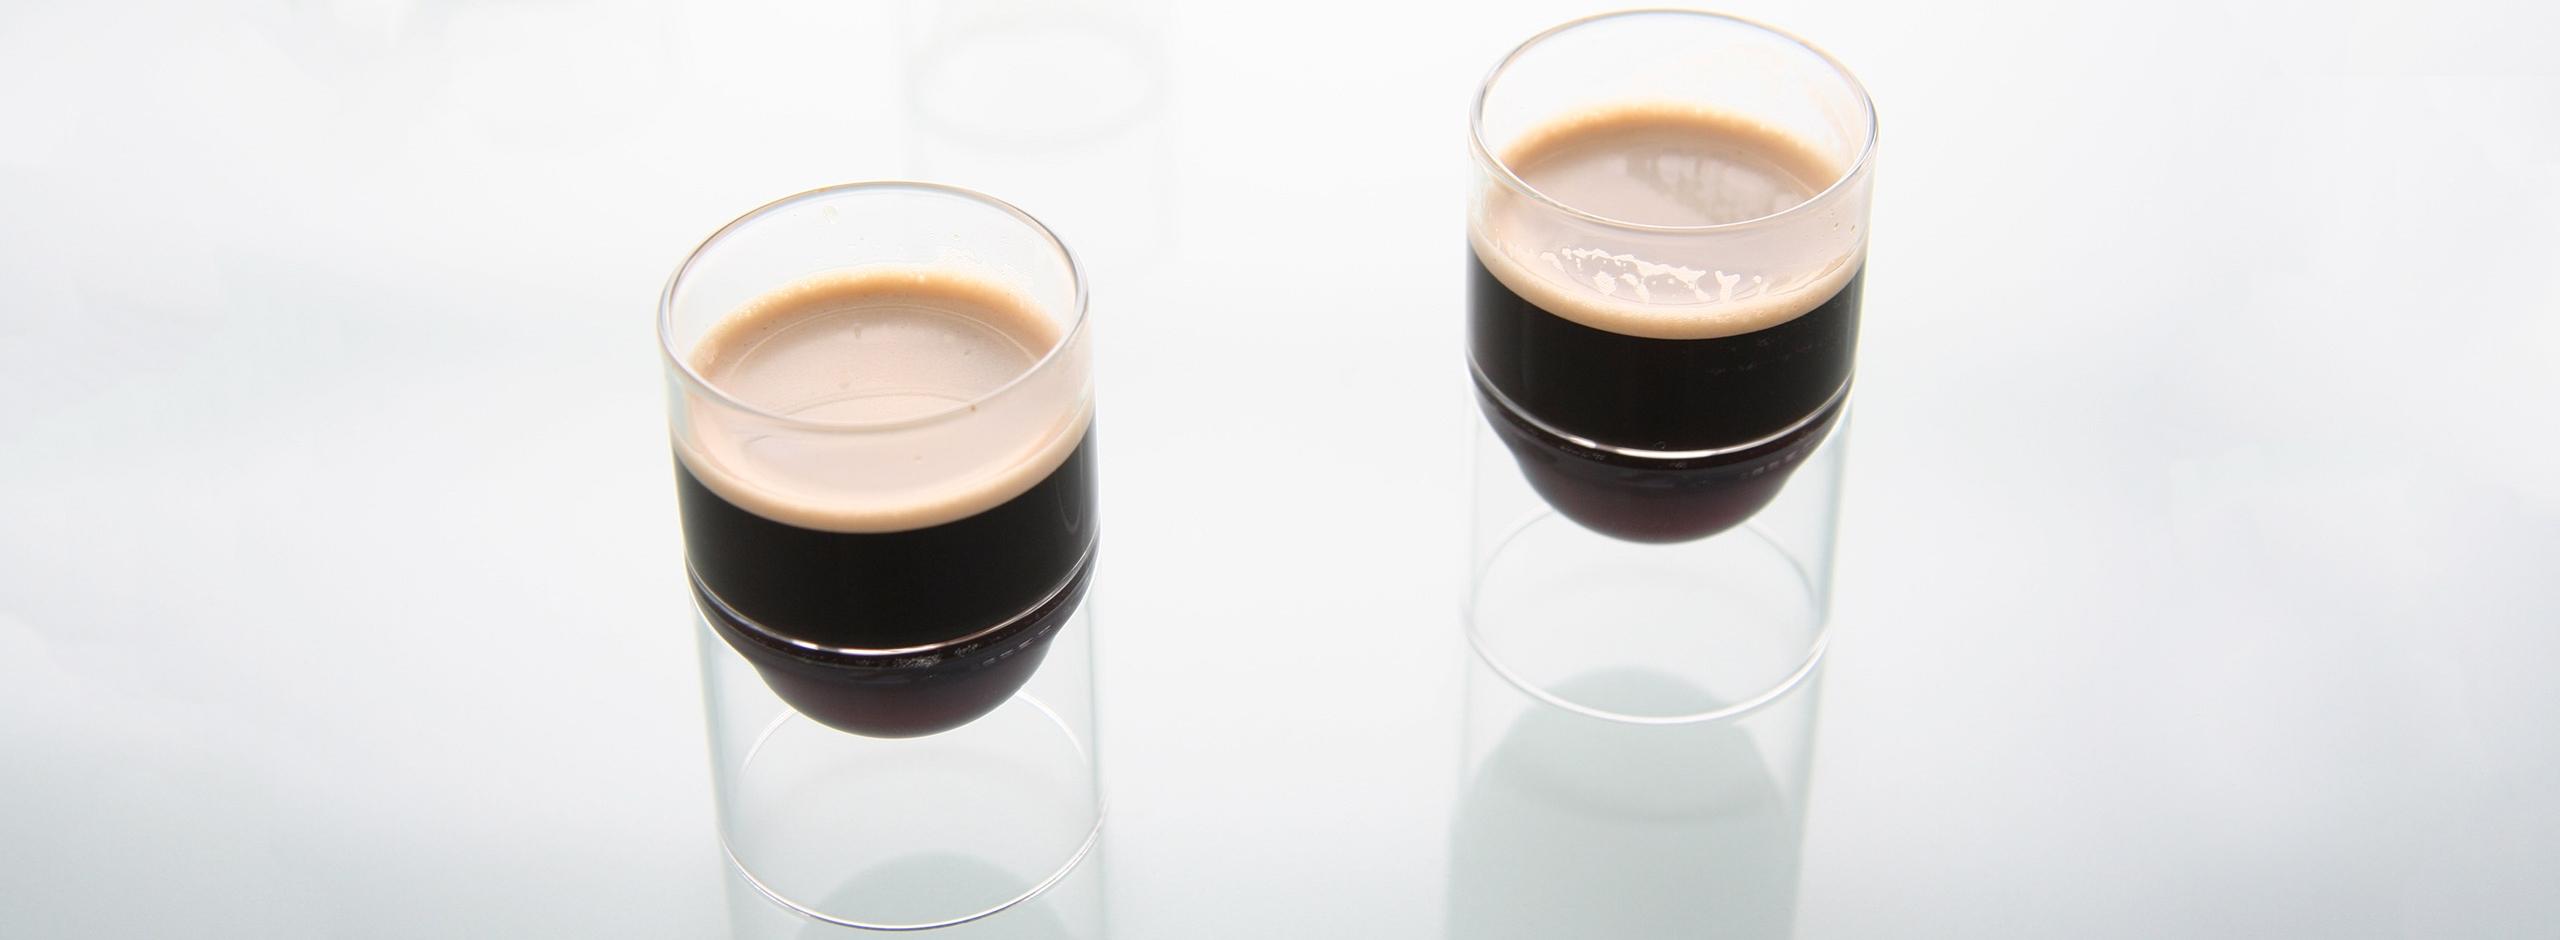 espresso in float liqueur glasses